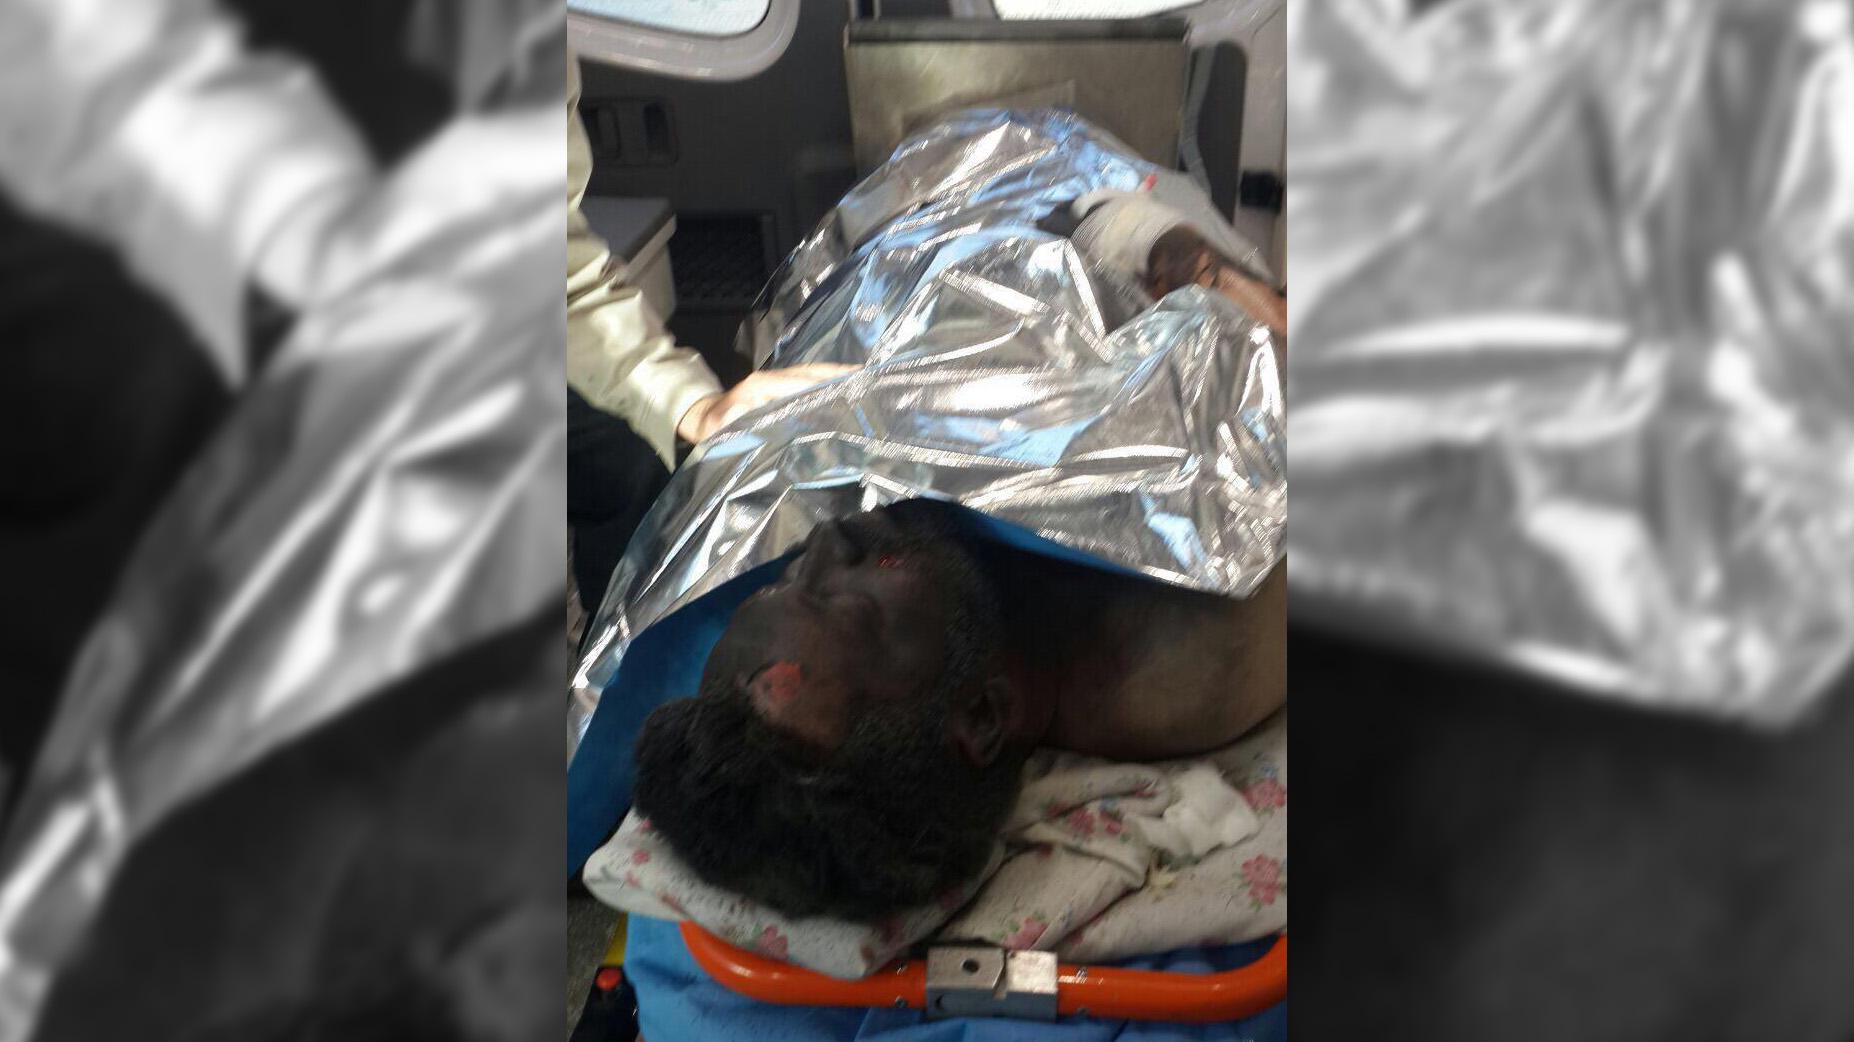 انفجار مواد محترقه دست ساز  باعث قطع دست جوان 30 ساله و سوختگی ۷۰ درصد وی شد.